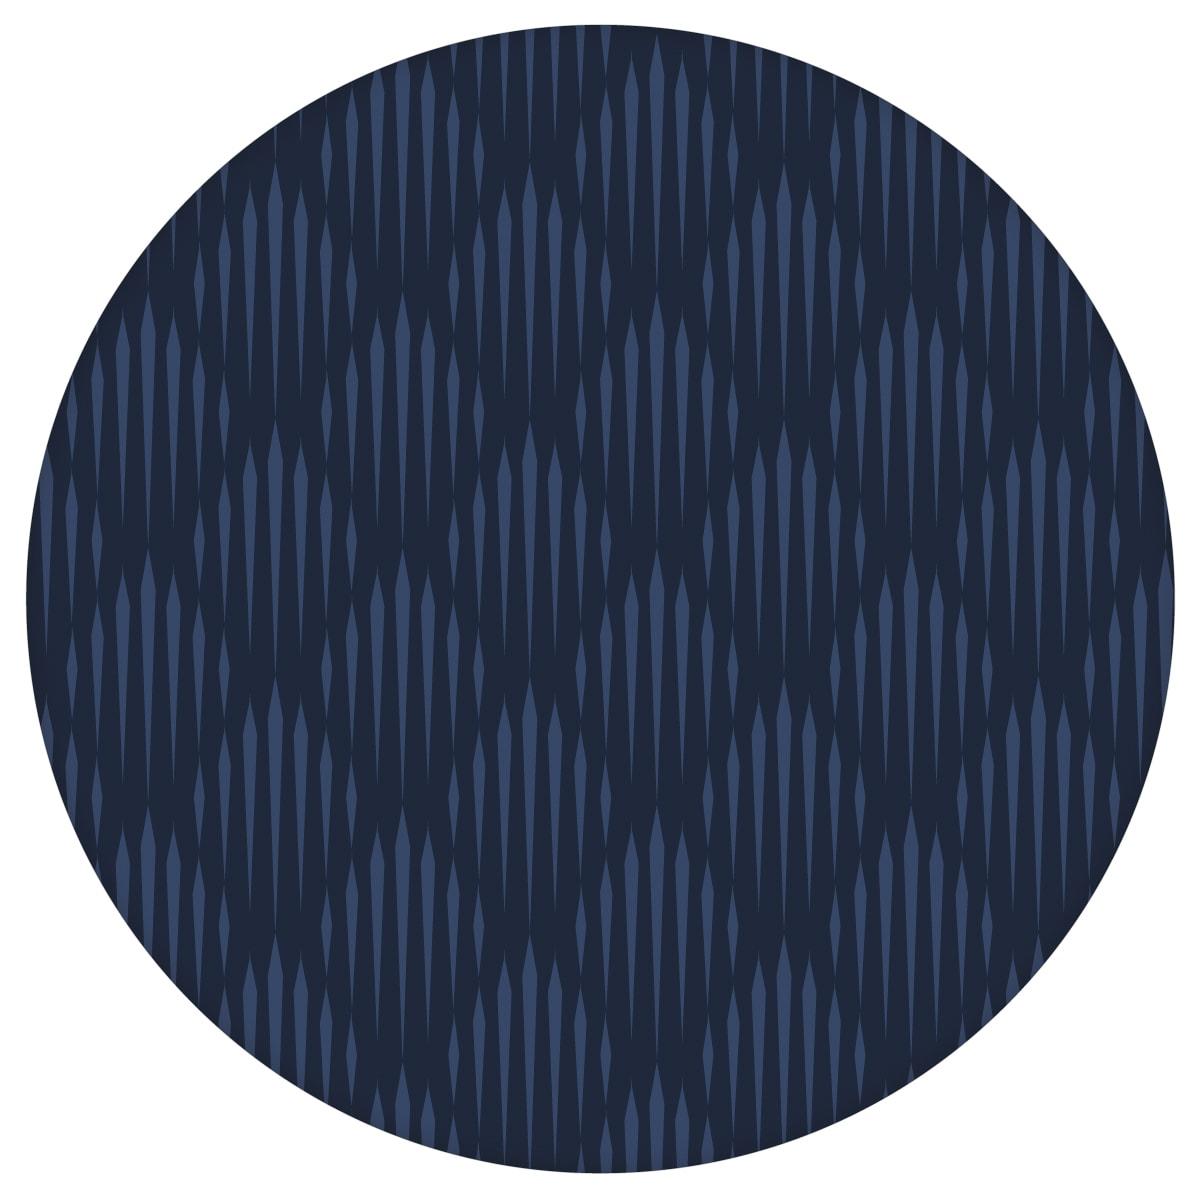 Elegante Design Tapete Art Deko Diamant in dunkelblau, Ornamenttapete für Ihr Zuhause 2